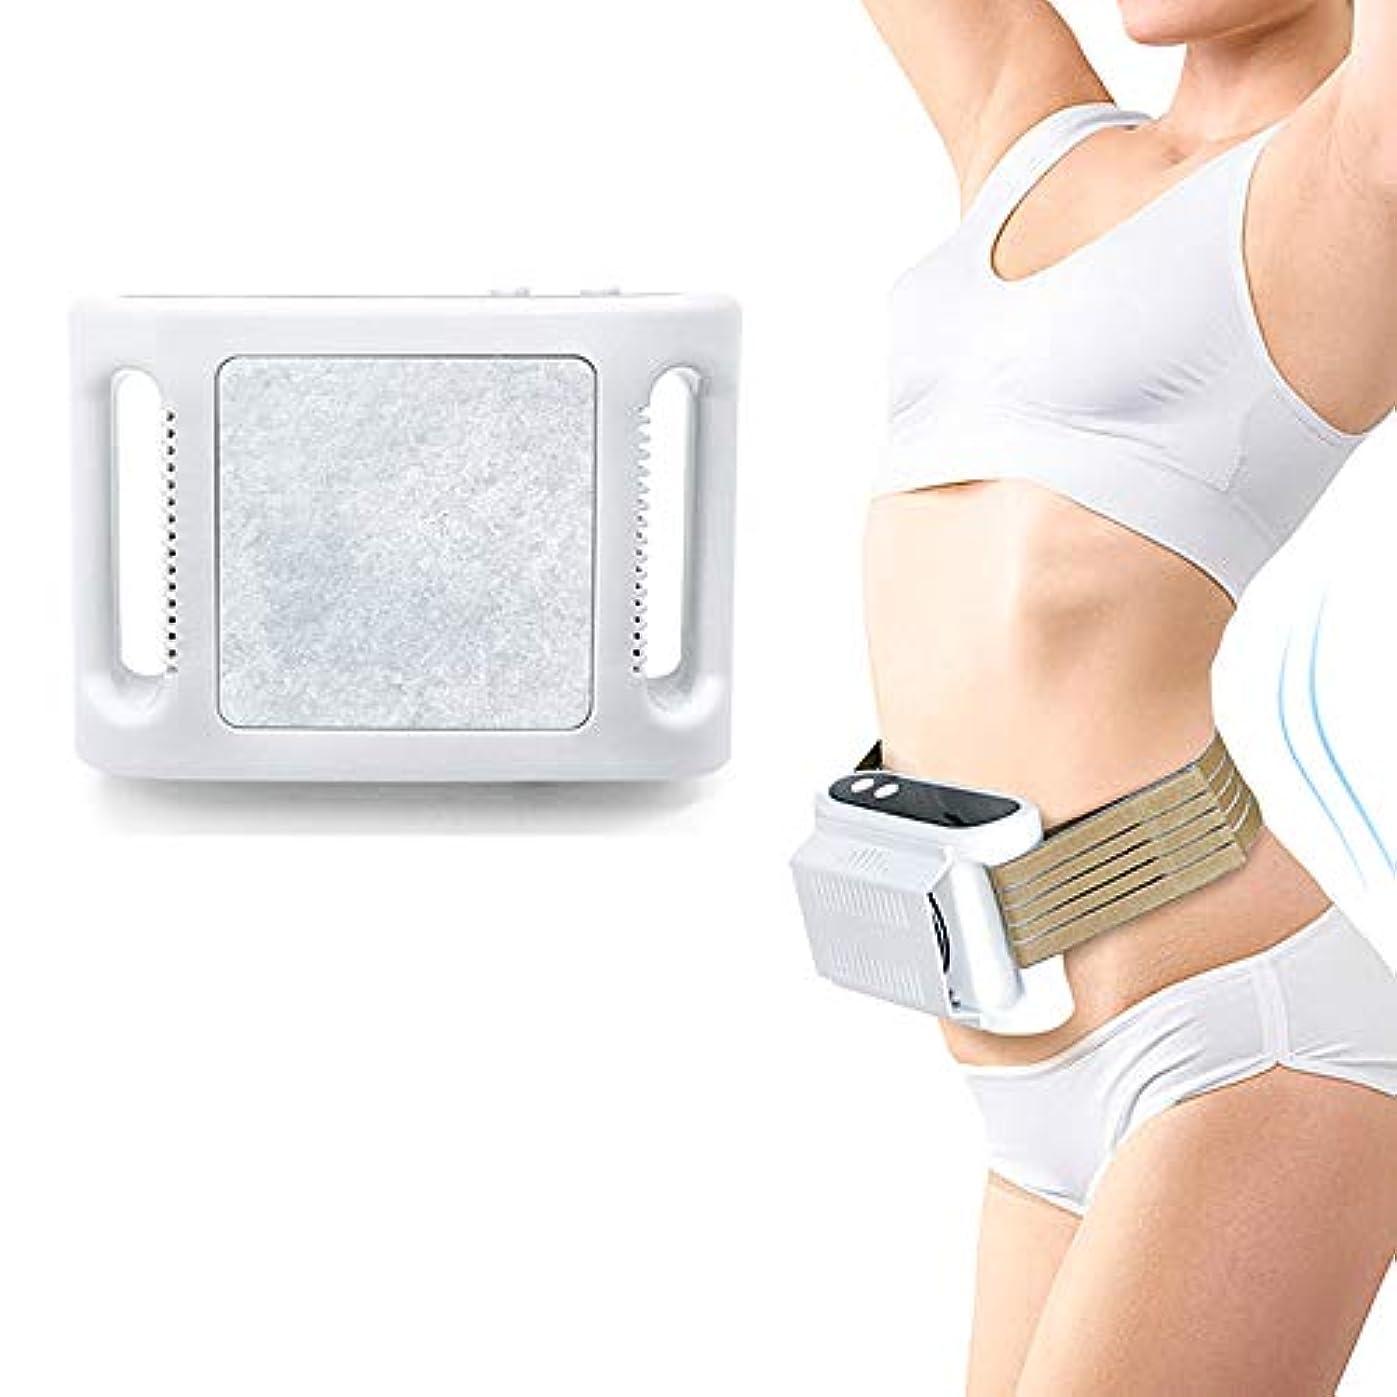 ラジウムフォームリットル凍結脂肪除去器具腰トレーナー減量多機能ボディ整形マッサージ女性男性のための美容機器